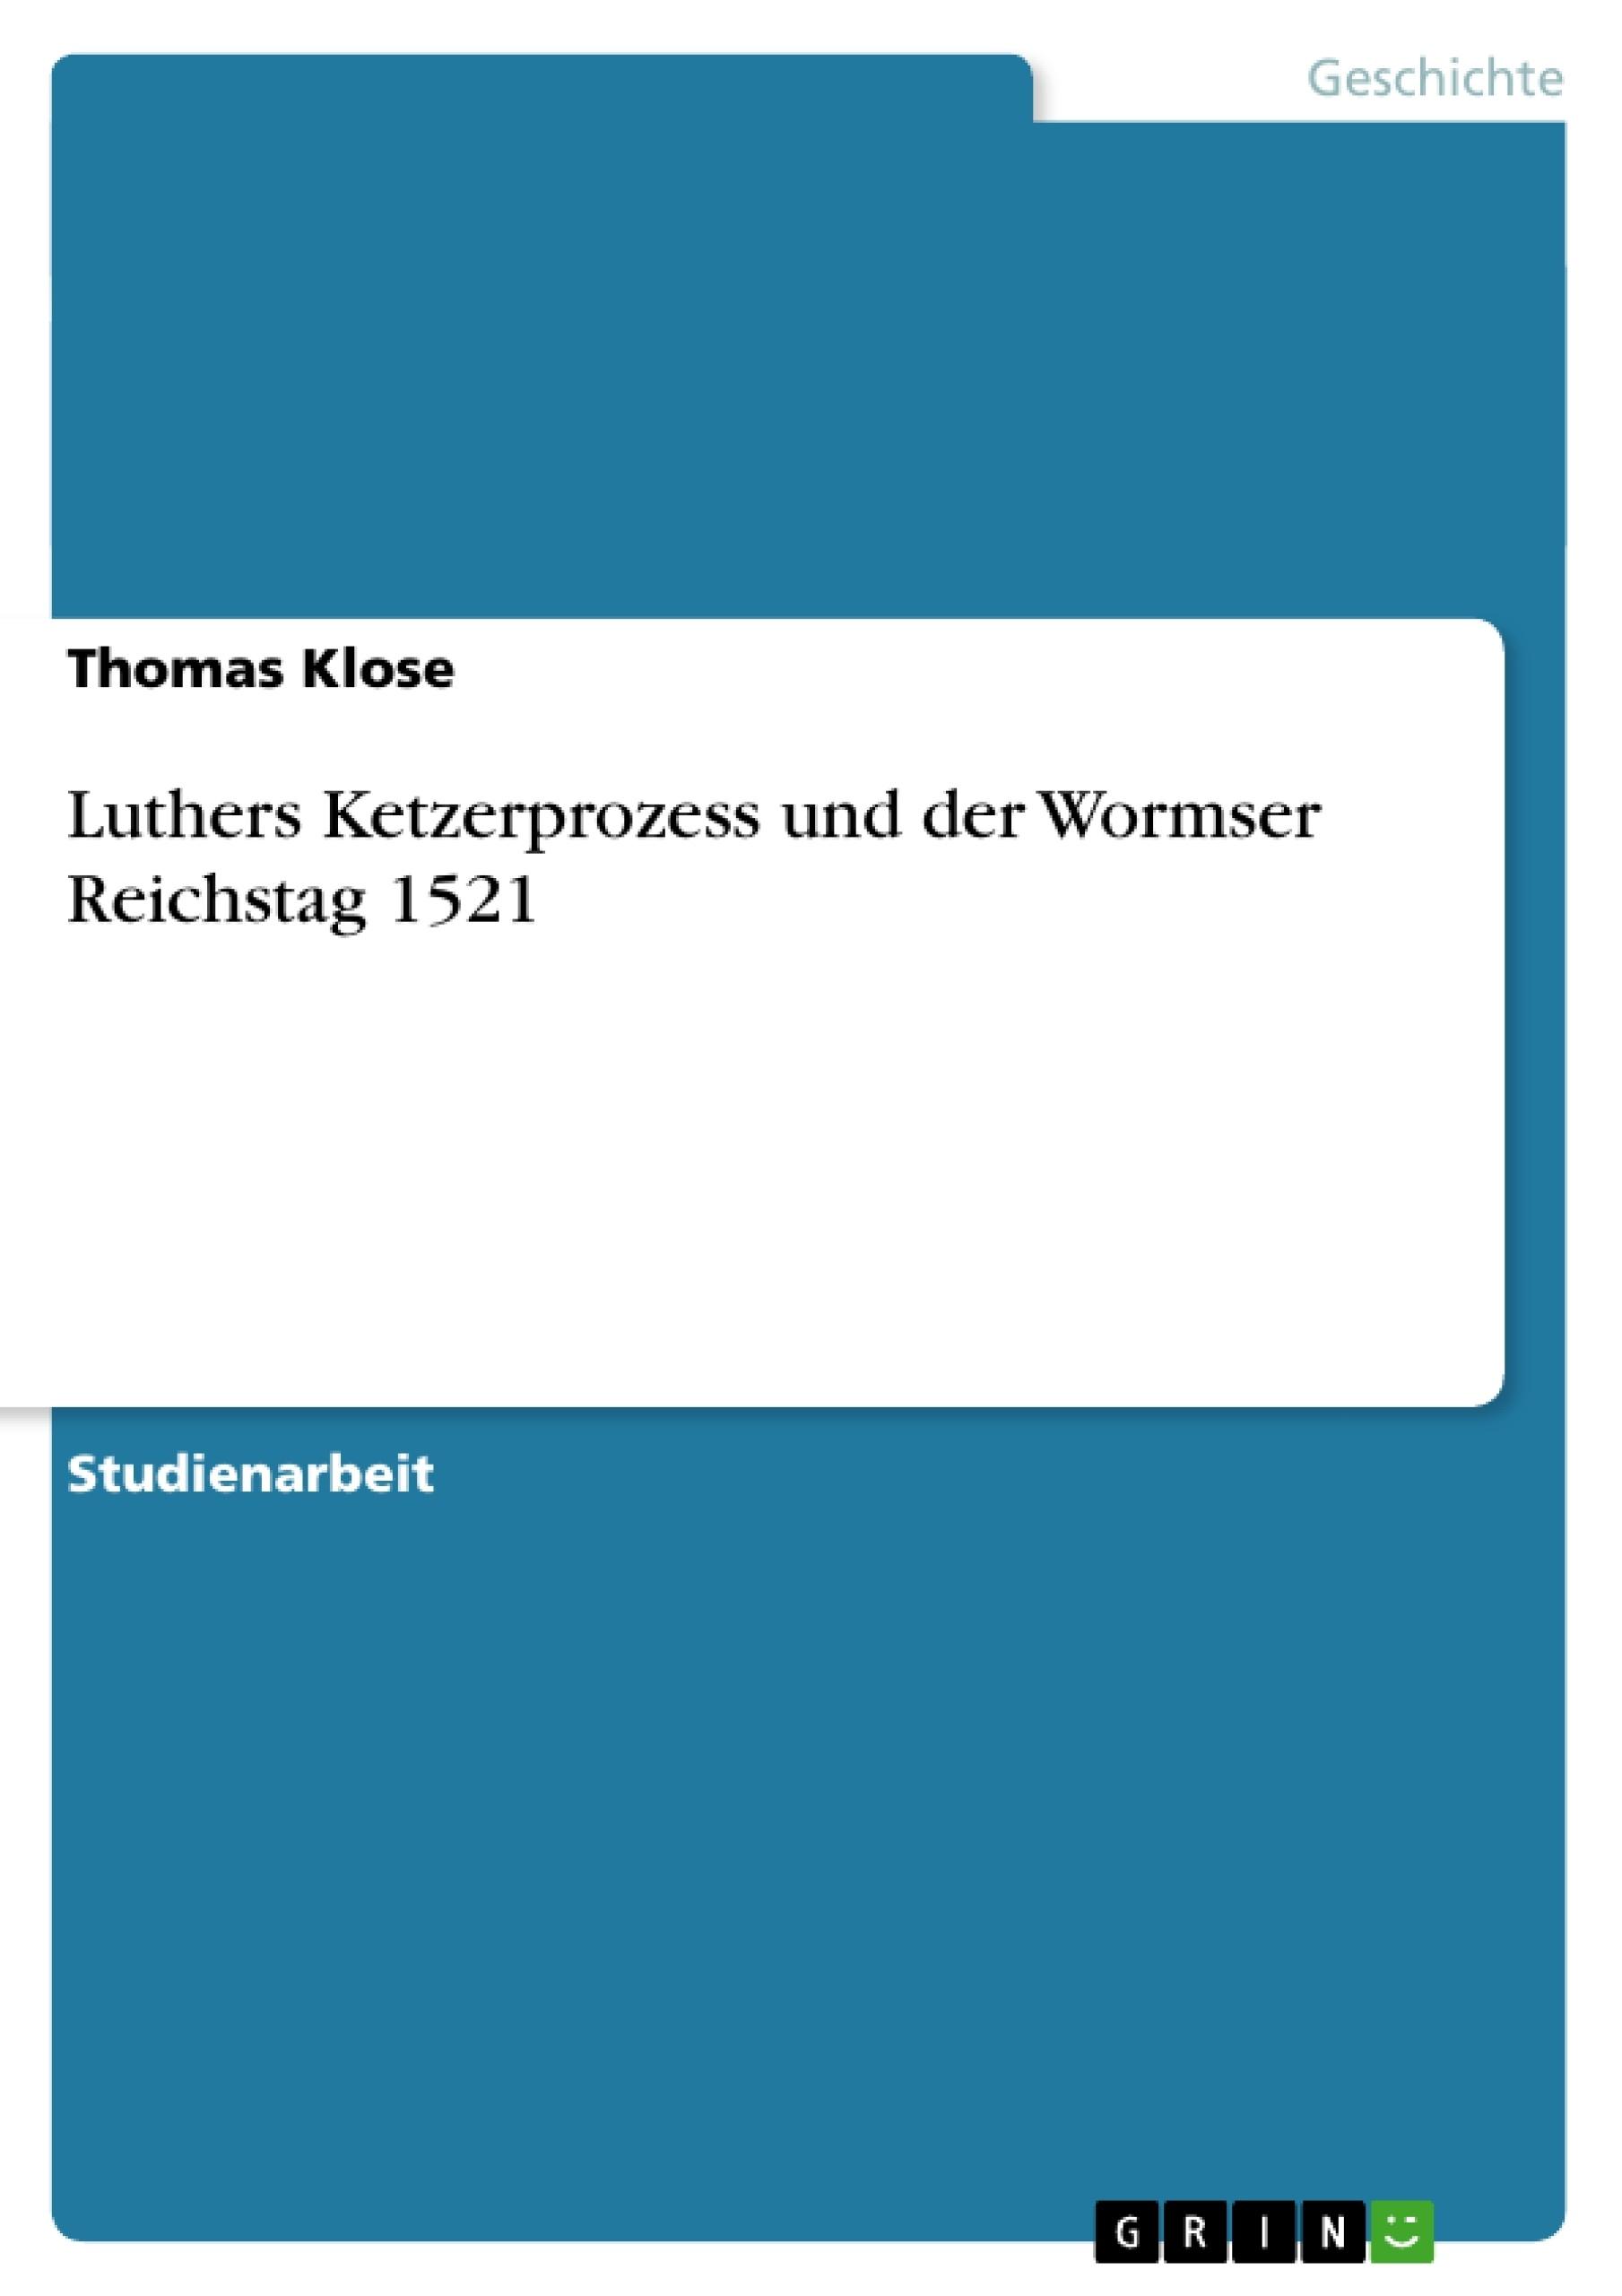 Titel: Luthers Ketzerprozess und der Wormser Reichstag 1521